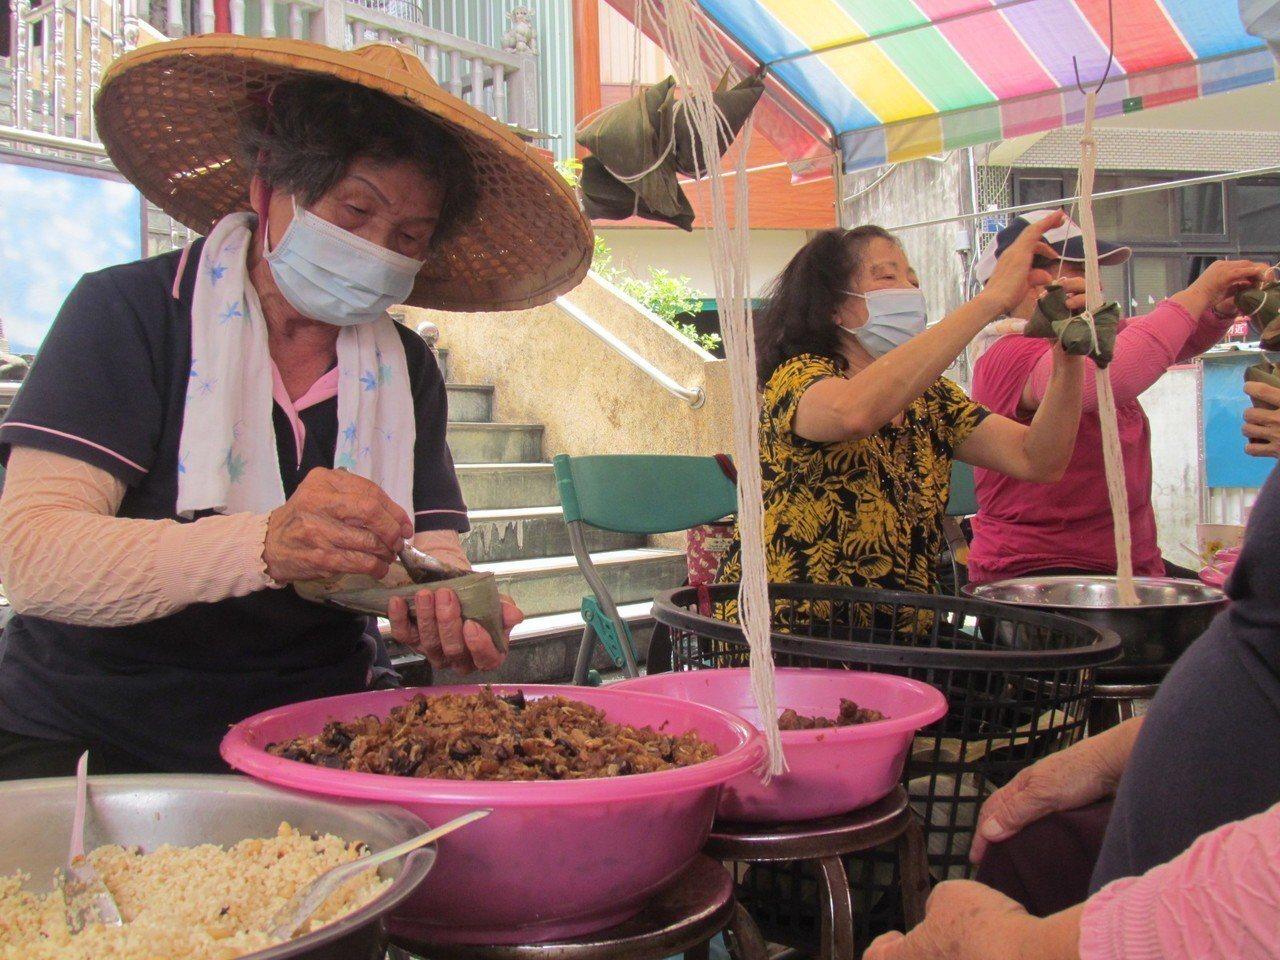 87歲的阿嬤曾設悅每年都來幫忙包粽,她說,能幫弱勢家庭,自己也感到溫暖。記者張家...